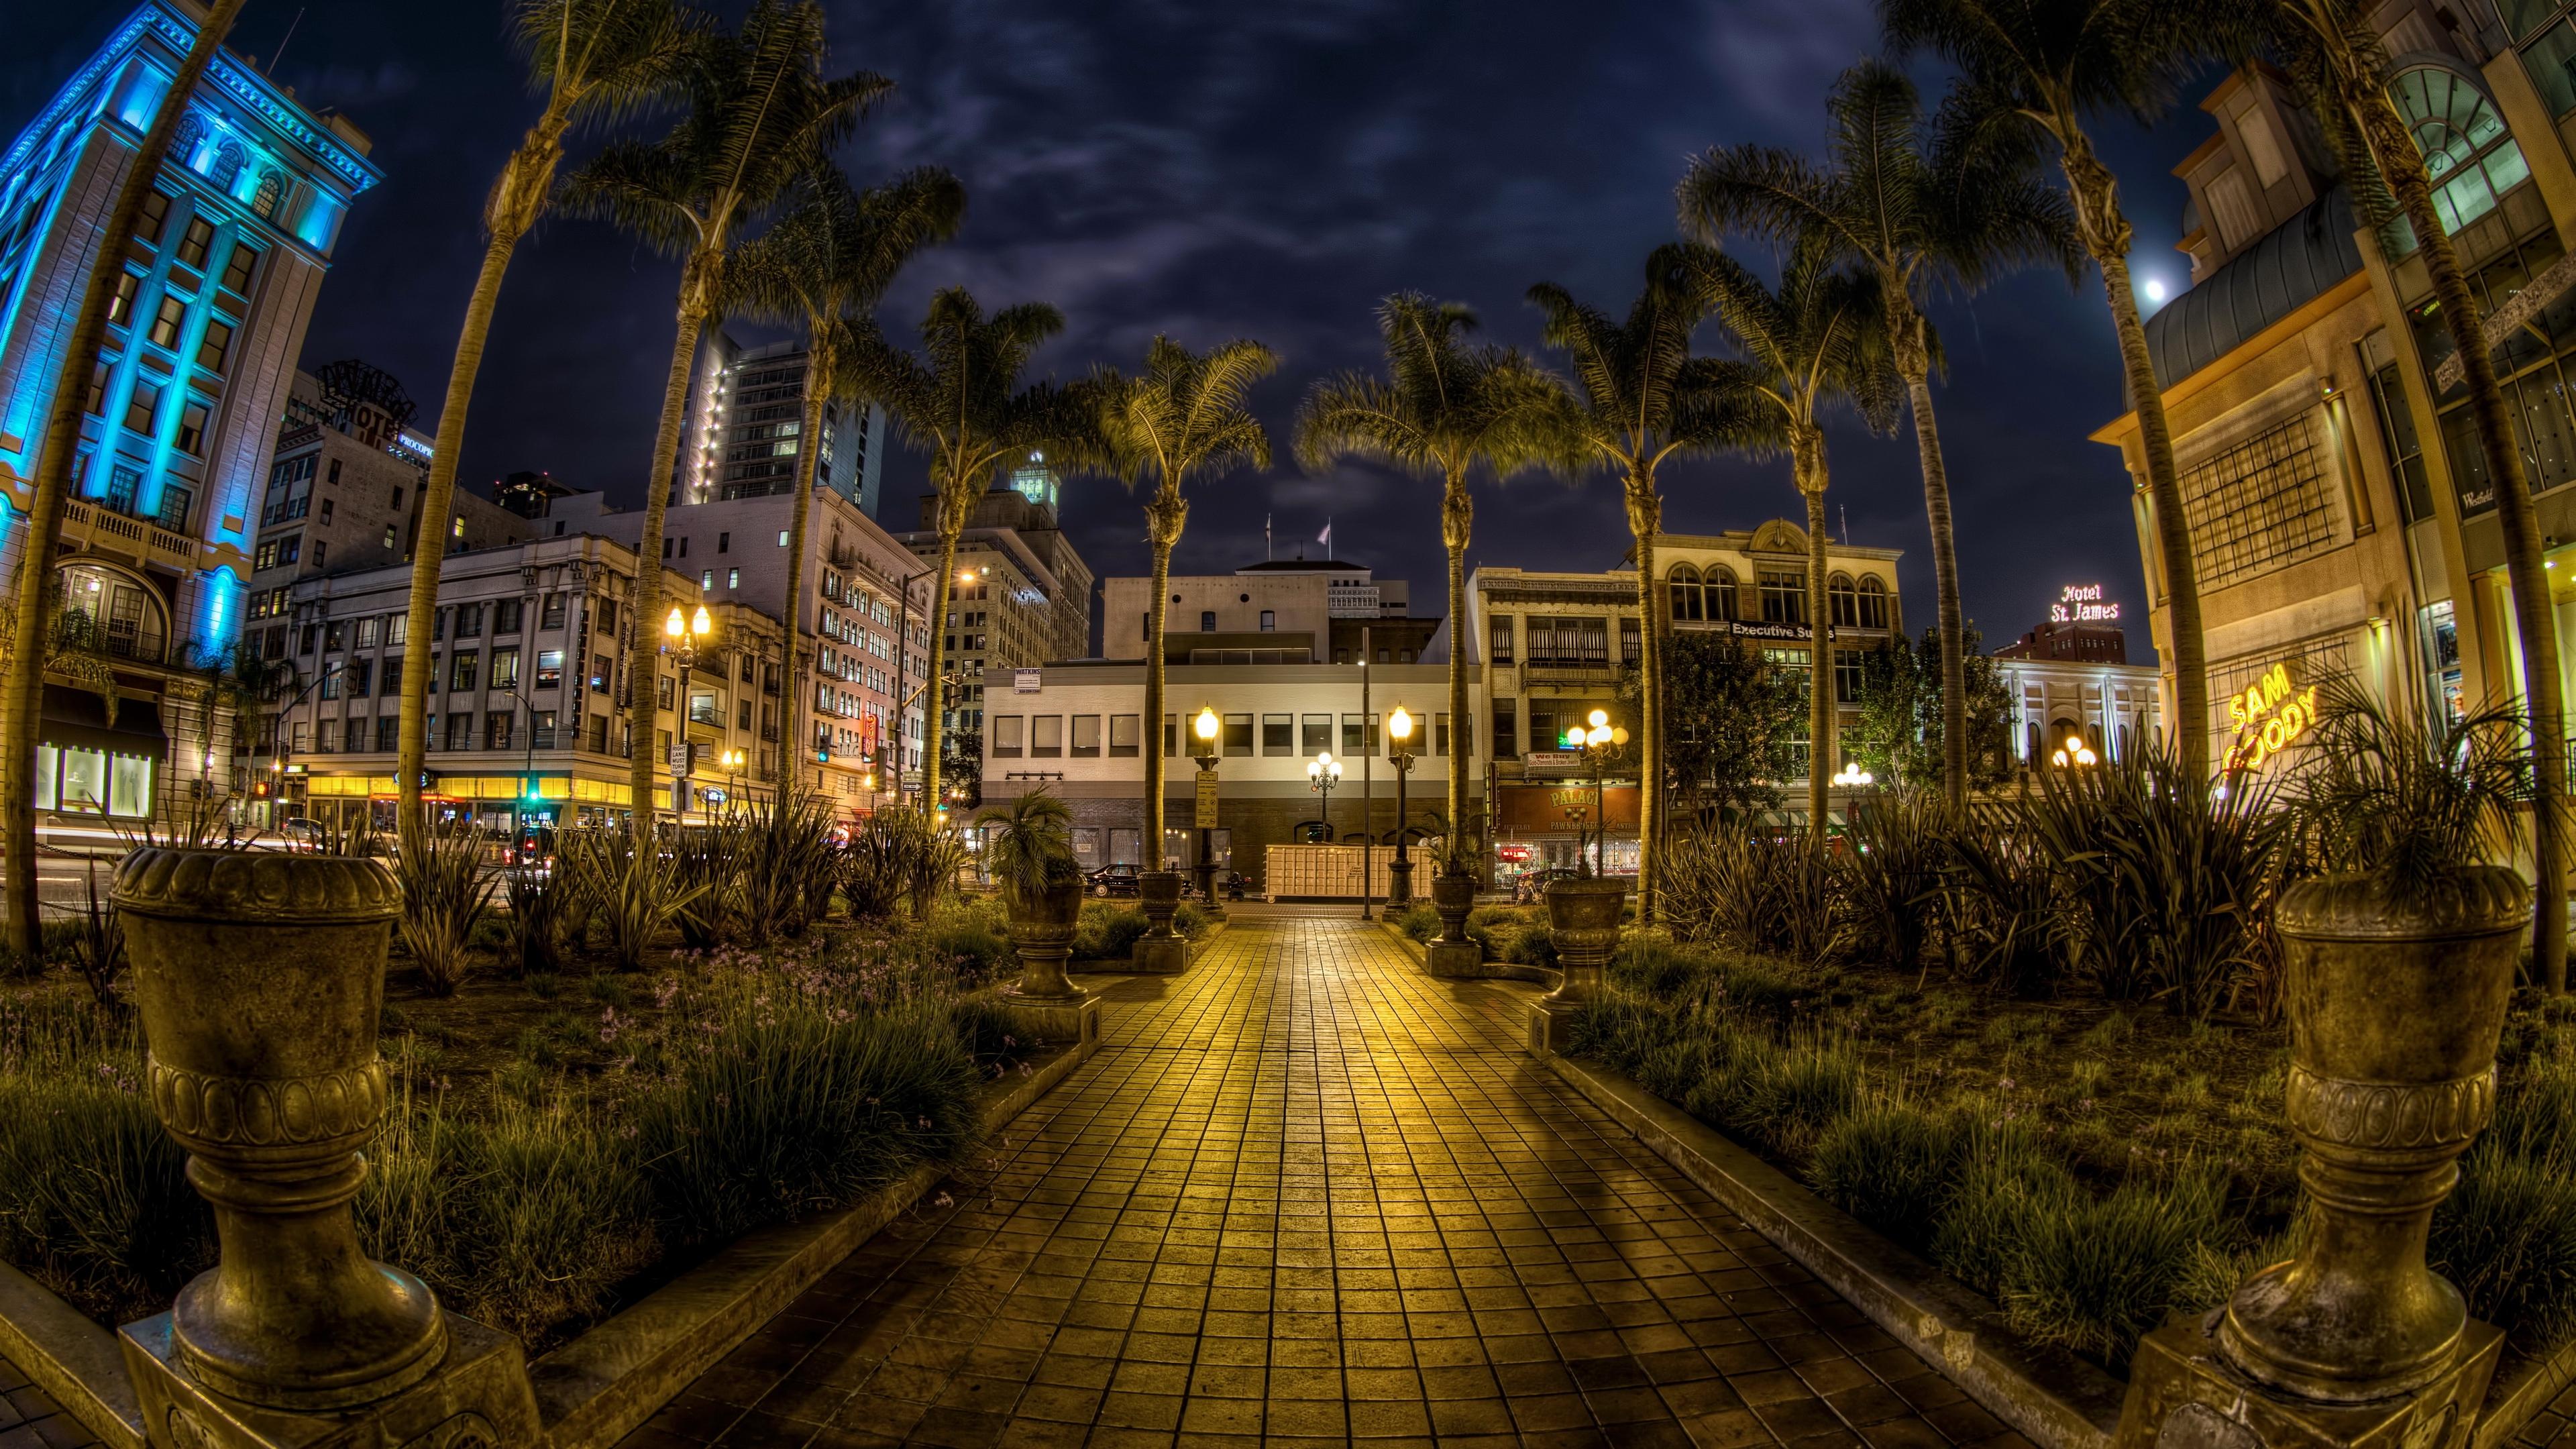 usa san diego california trees palms night pavement hdr 4k 1538066821 - usa, san diego, california, trees, palms, night, pavement, hdr 4k - USA, san diego, California